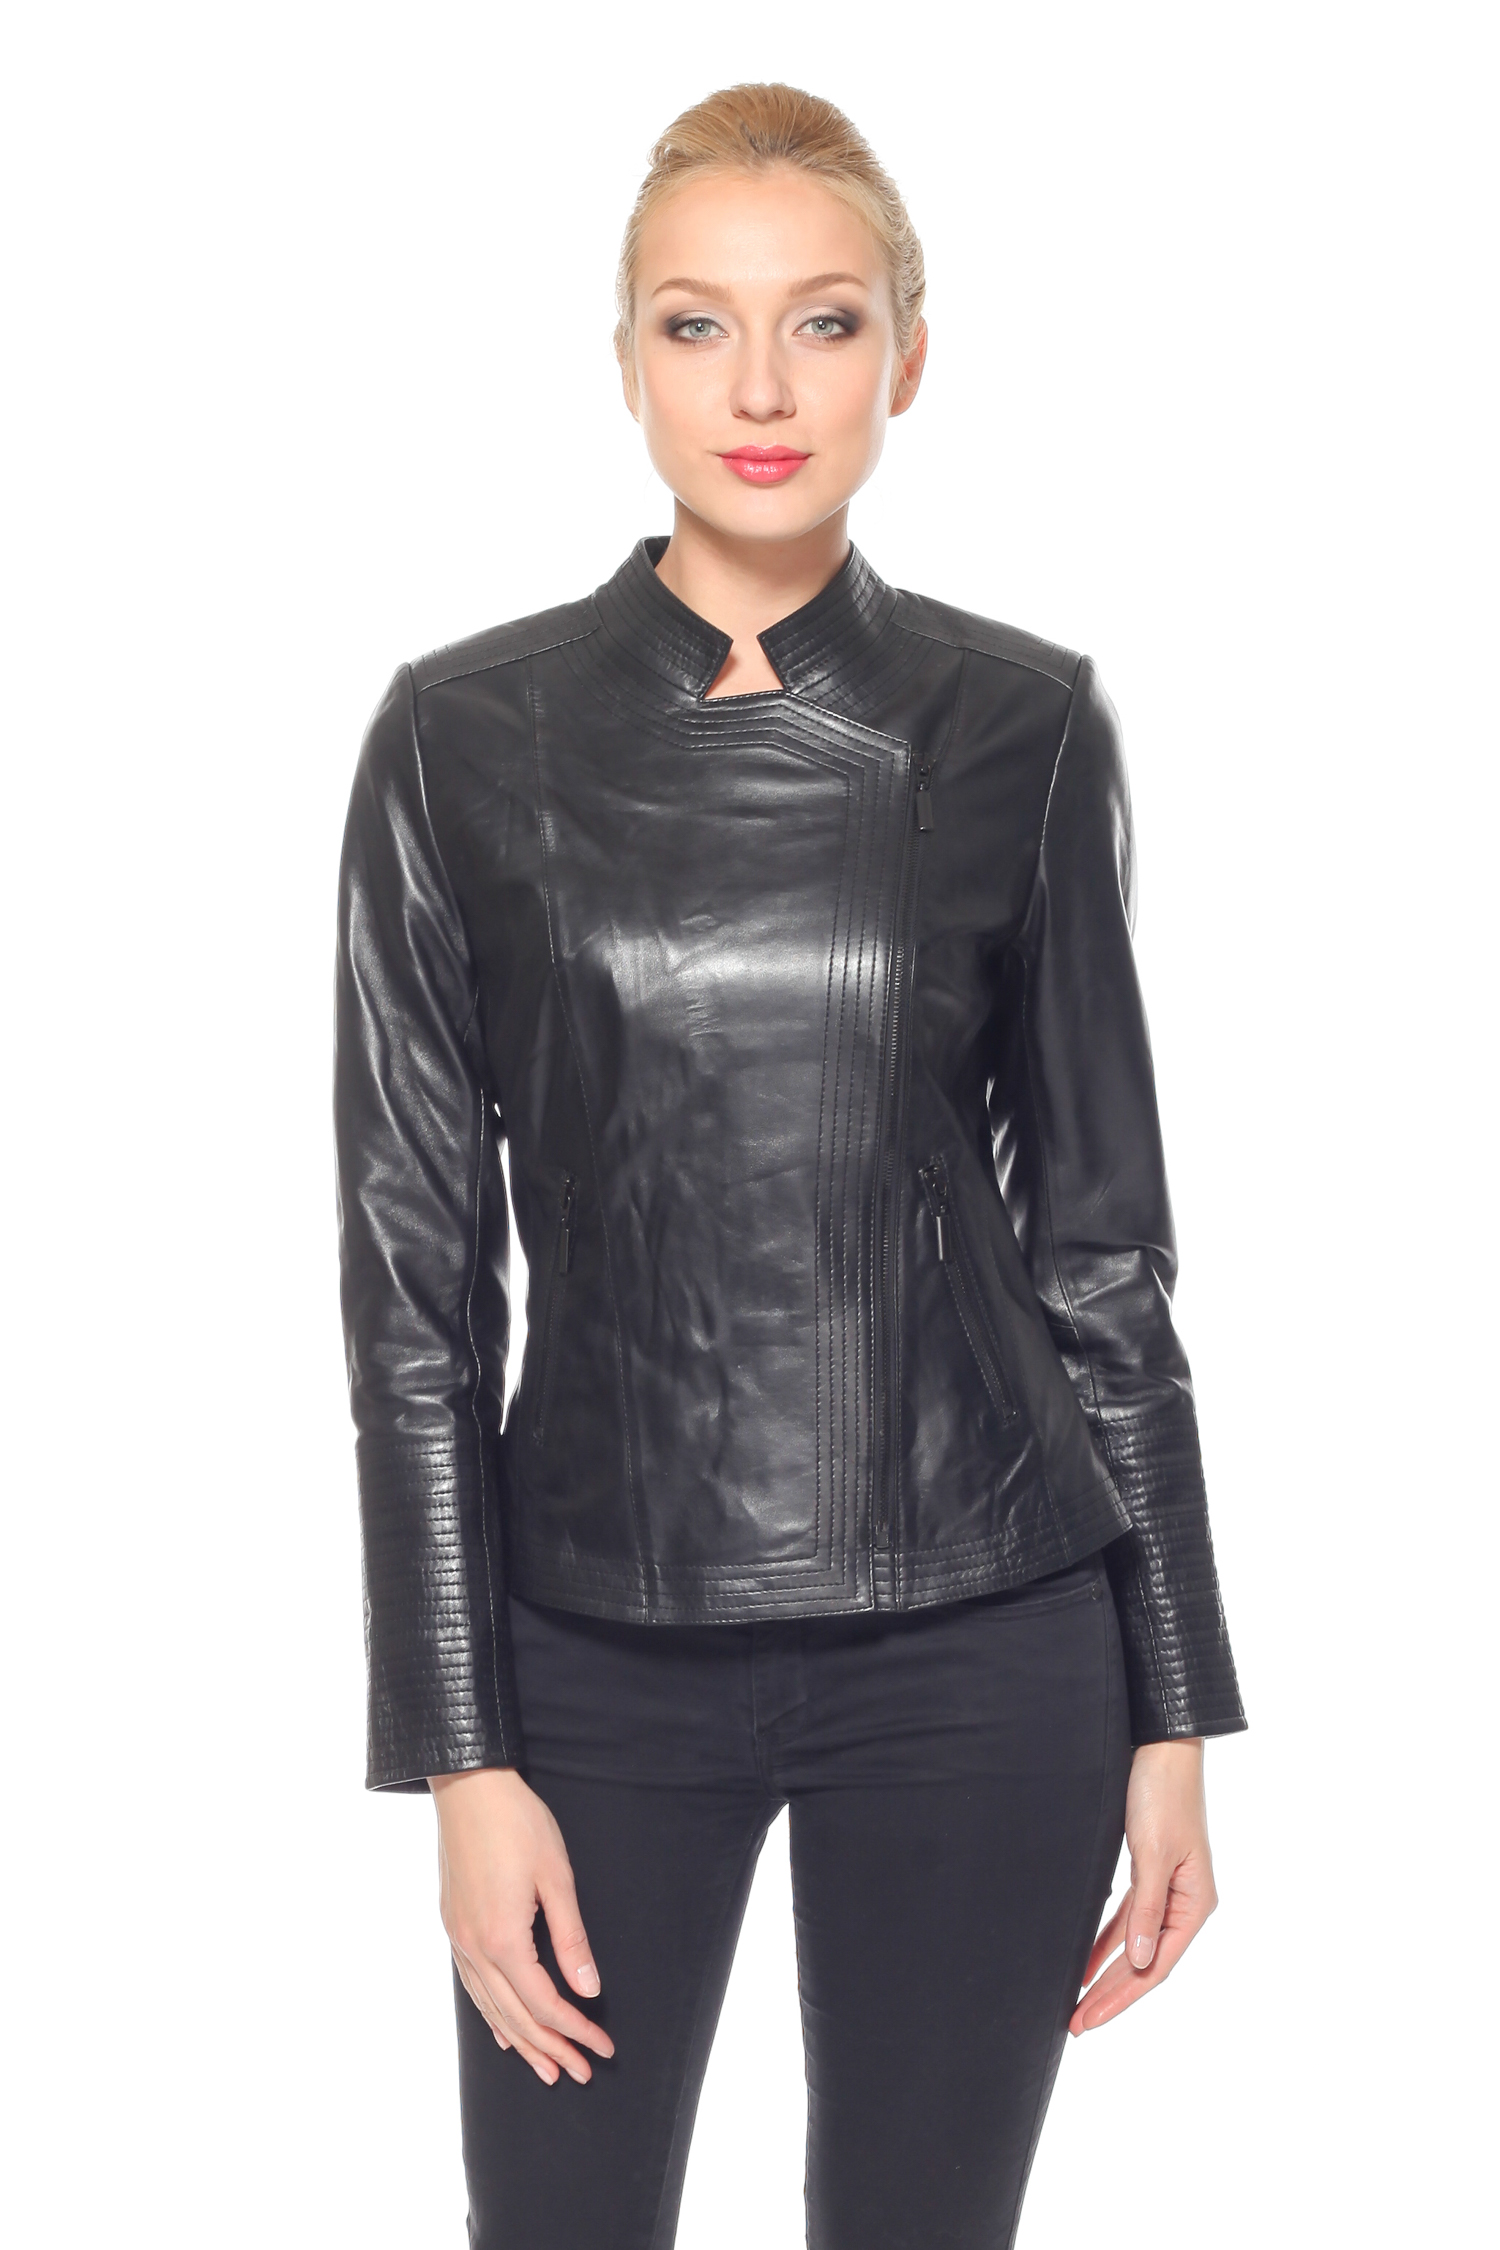 Женская кожаная куртка из натуральной кожи с воротником, без отделки<br><br>Воротник: стойка<br>Длина см: Короткая (51-74 )<br>Материал: Кожа овчина<br>Цвет: черный<br>Застежка: на молнии<br>Пол: Женский<br>Размер RU: 56